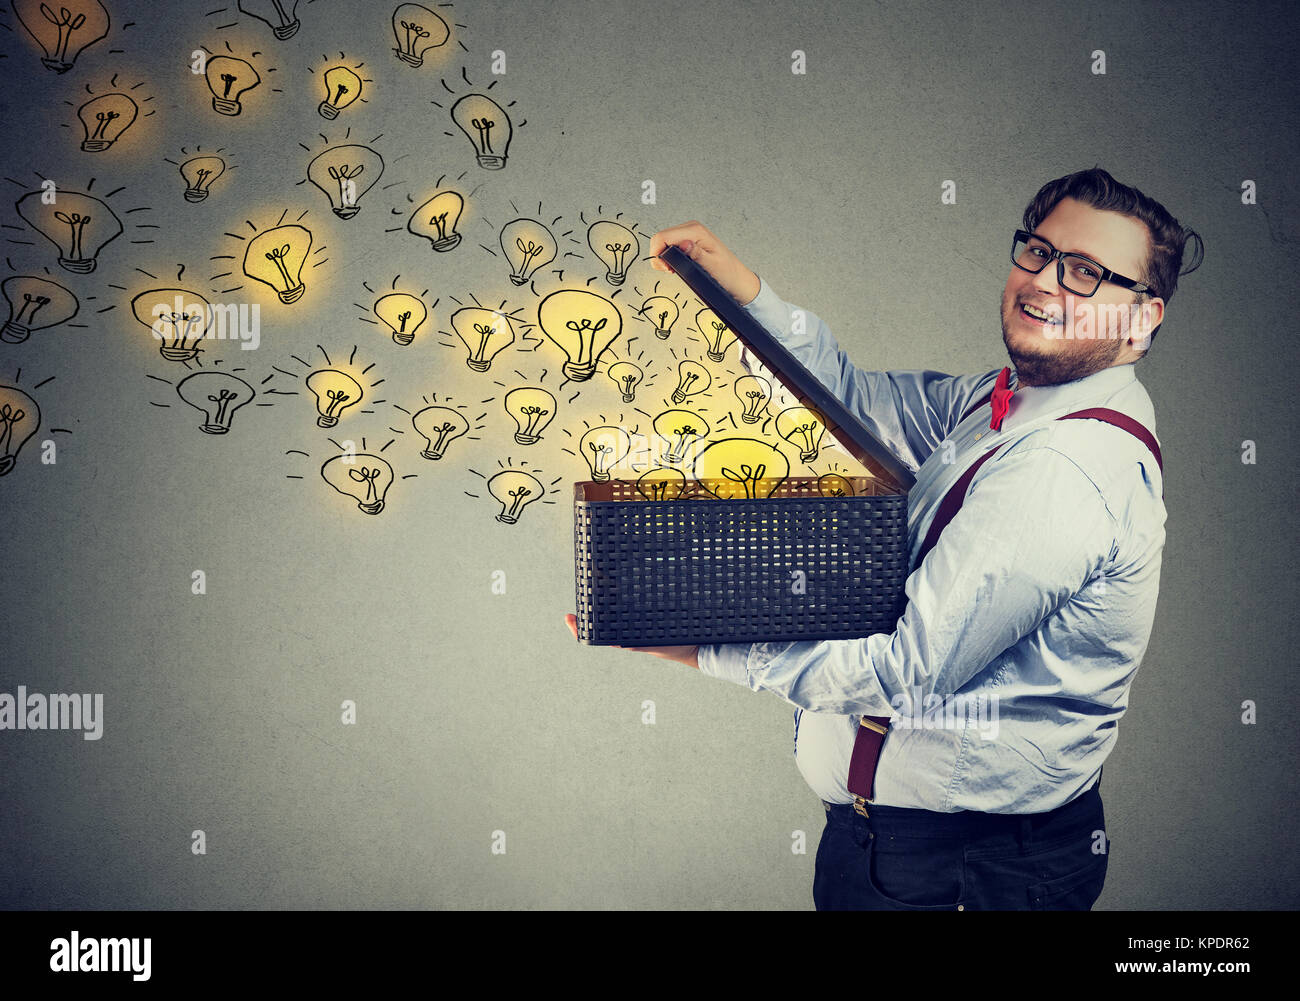 Vista laterale di chunky uomo scatola di contenimento con brillanti idee bein creative e sorridente alla fotocamera. Immagini Stock